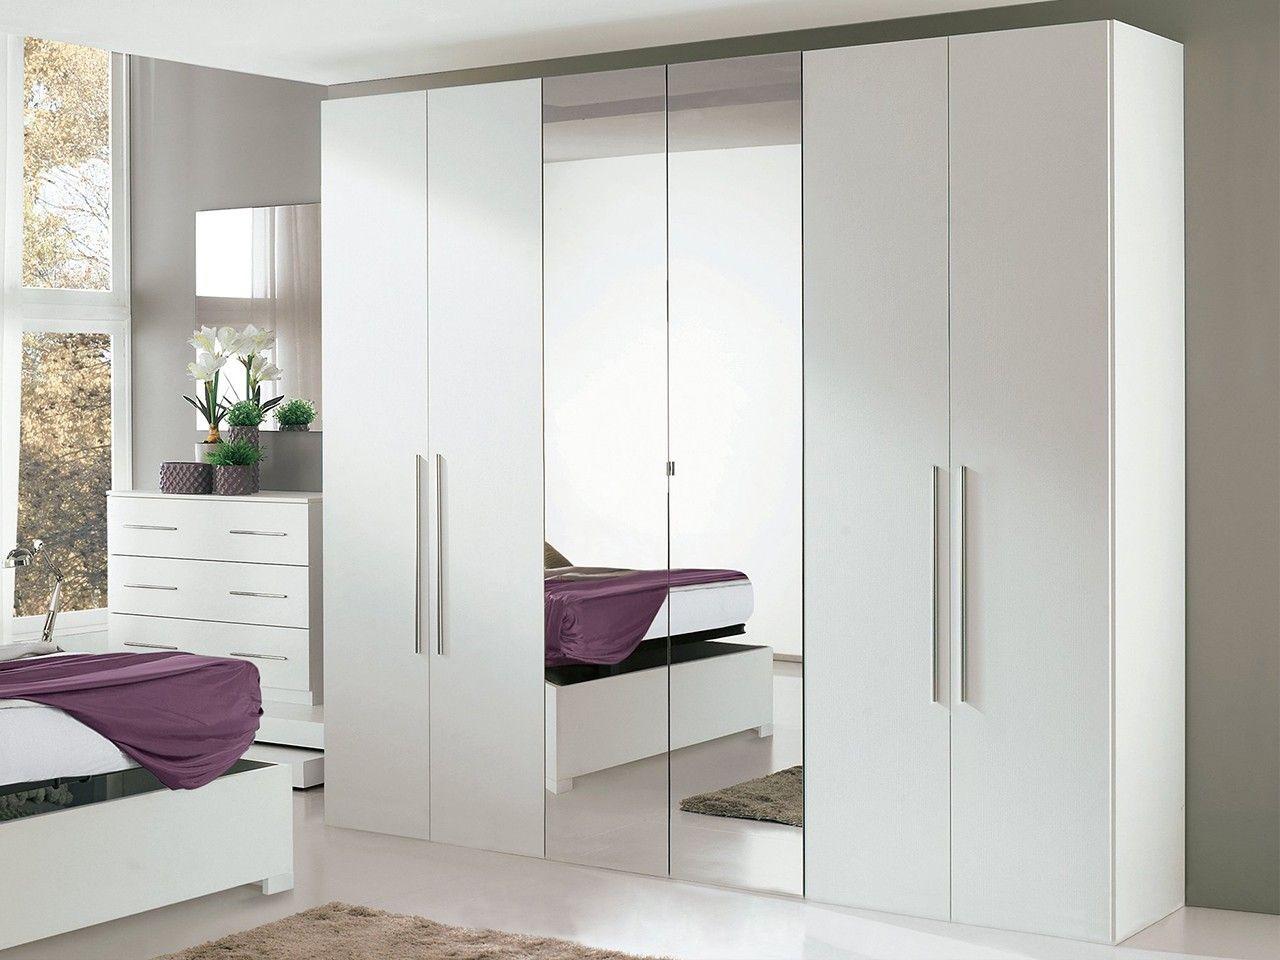 Elige el armario ideal para tu dormitorio - http://www.decoluxe.net ...